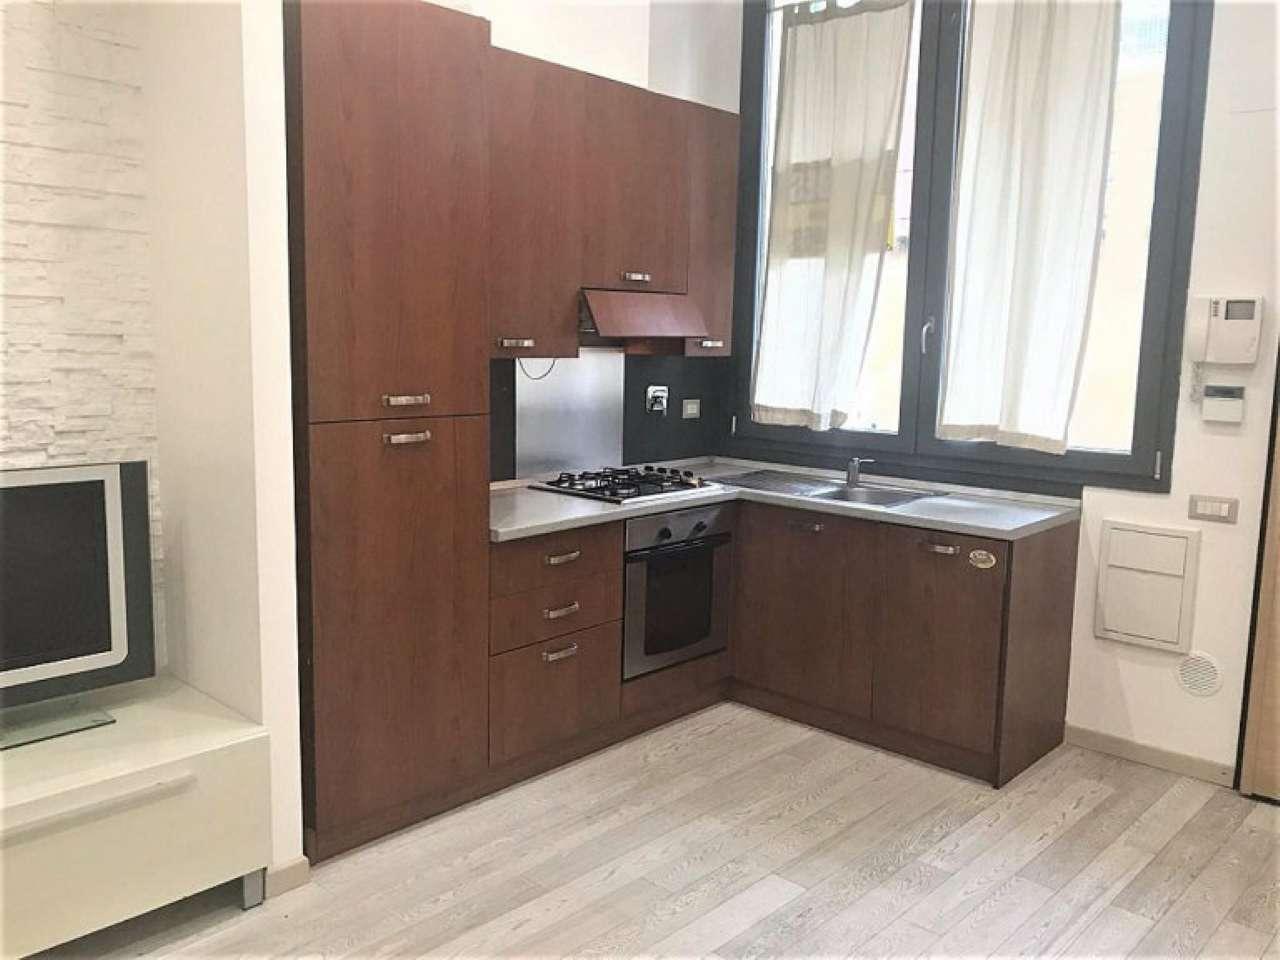 Appartamento in vendita a Firenze, 2 locali, zona Zona: 18 . Settignano, Coverciano, prezzo € 143.000   CambioCasa.it